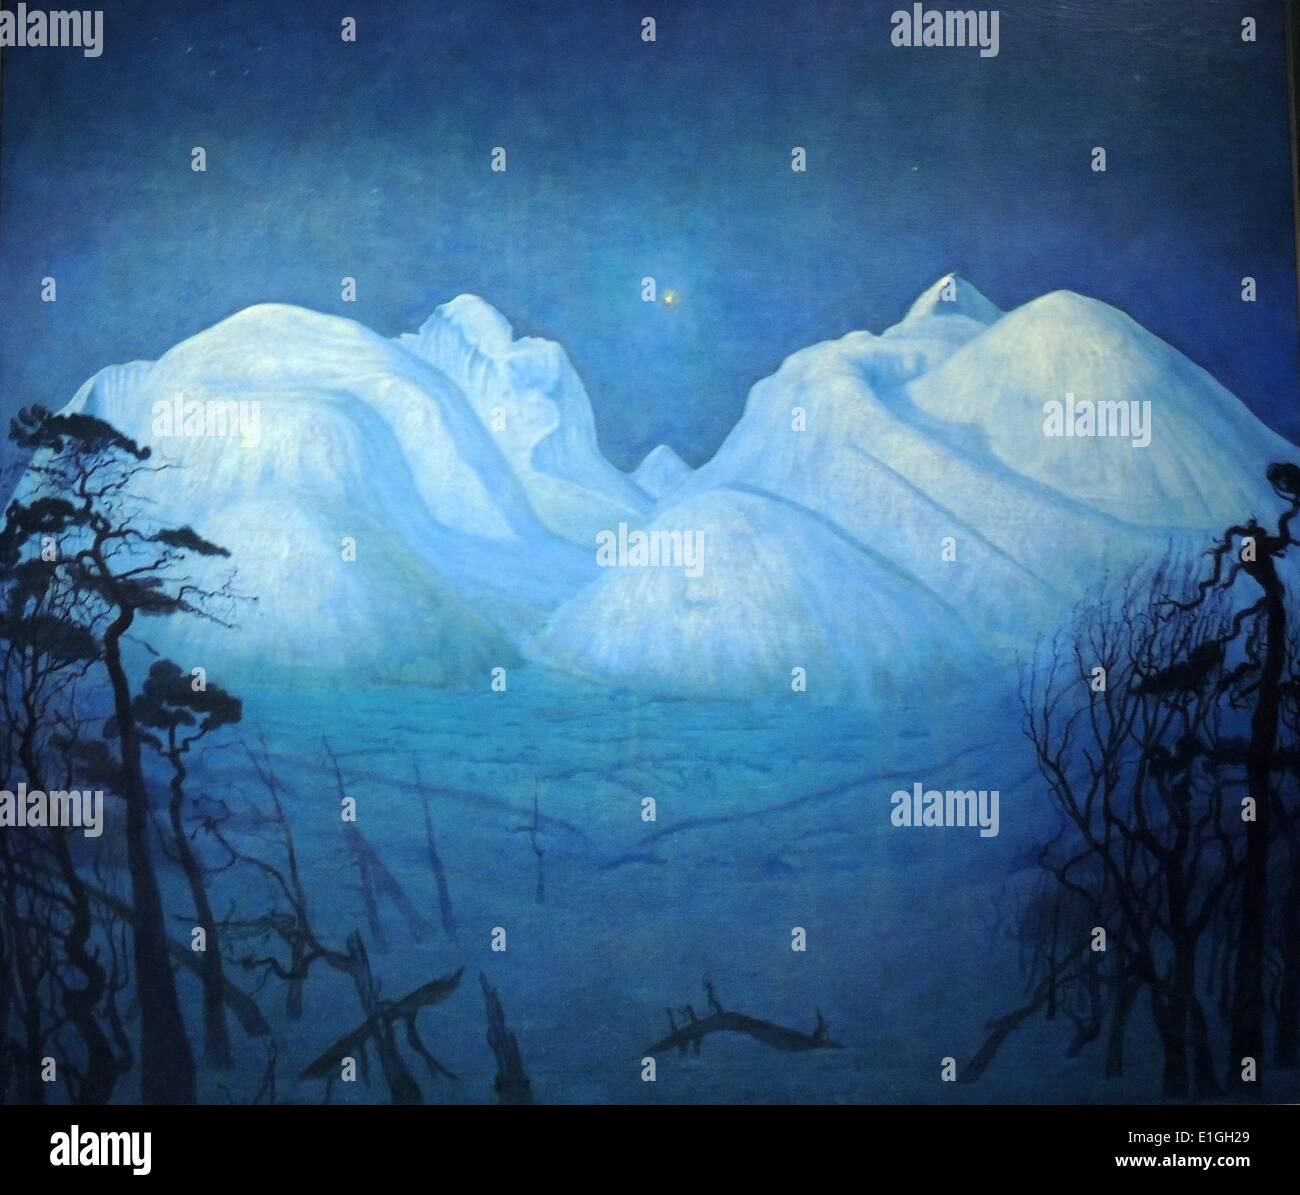 Winternacht in den Bergen, 1914 von Harald Sohlberg (1869-1935).  Öl auf Leinwand. Stockbild